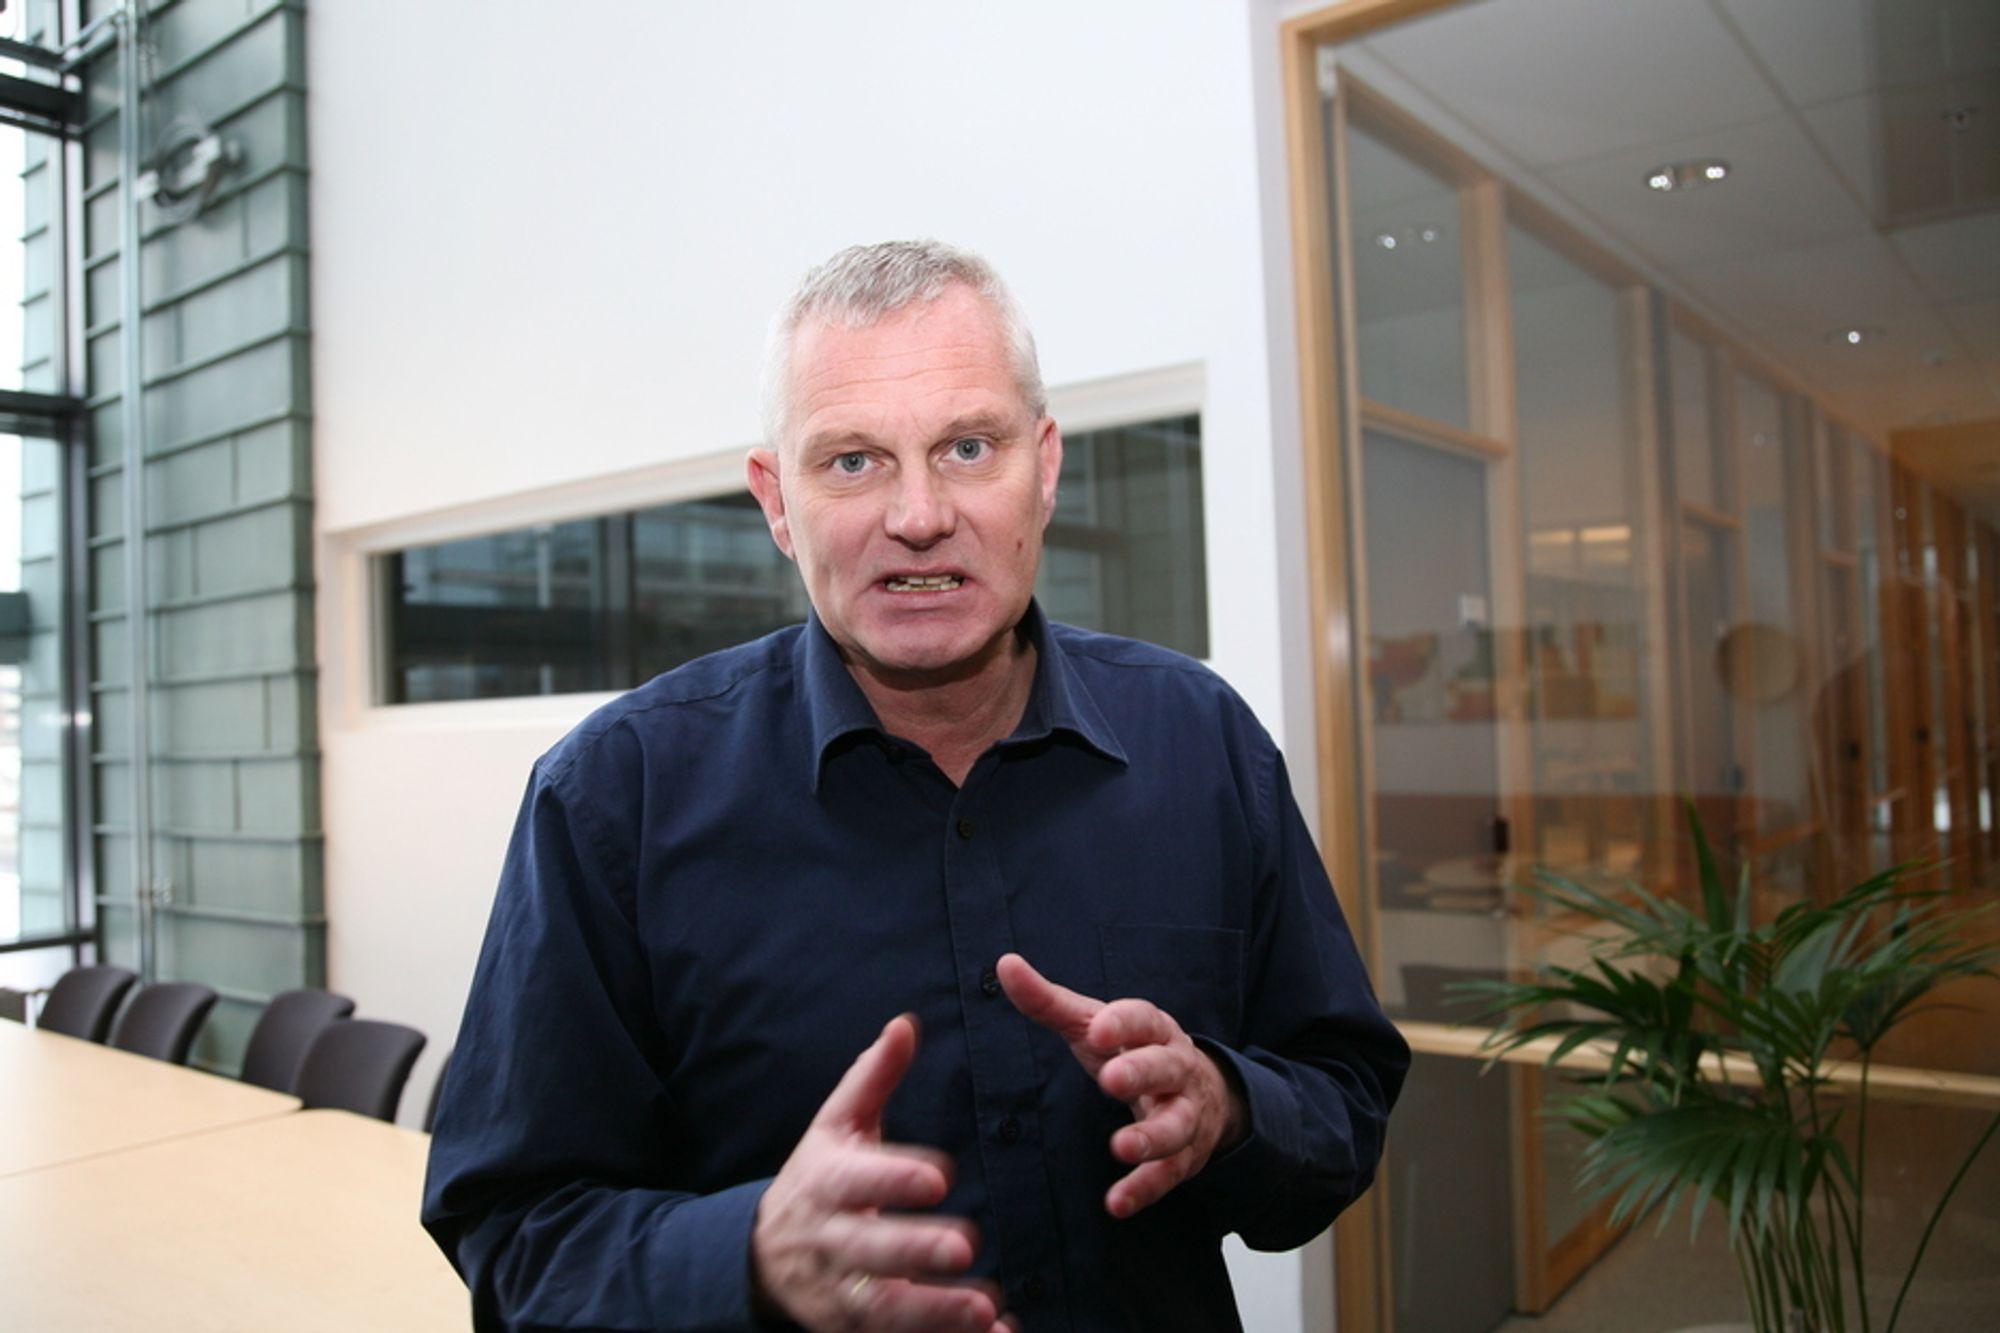 KRITISK: Karakterer til ansatte er noe Statoil og andre selskaper har adoptert fra konsulentbransjen, mener Bård Kuvaas.